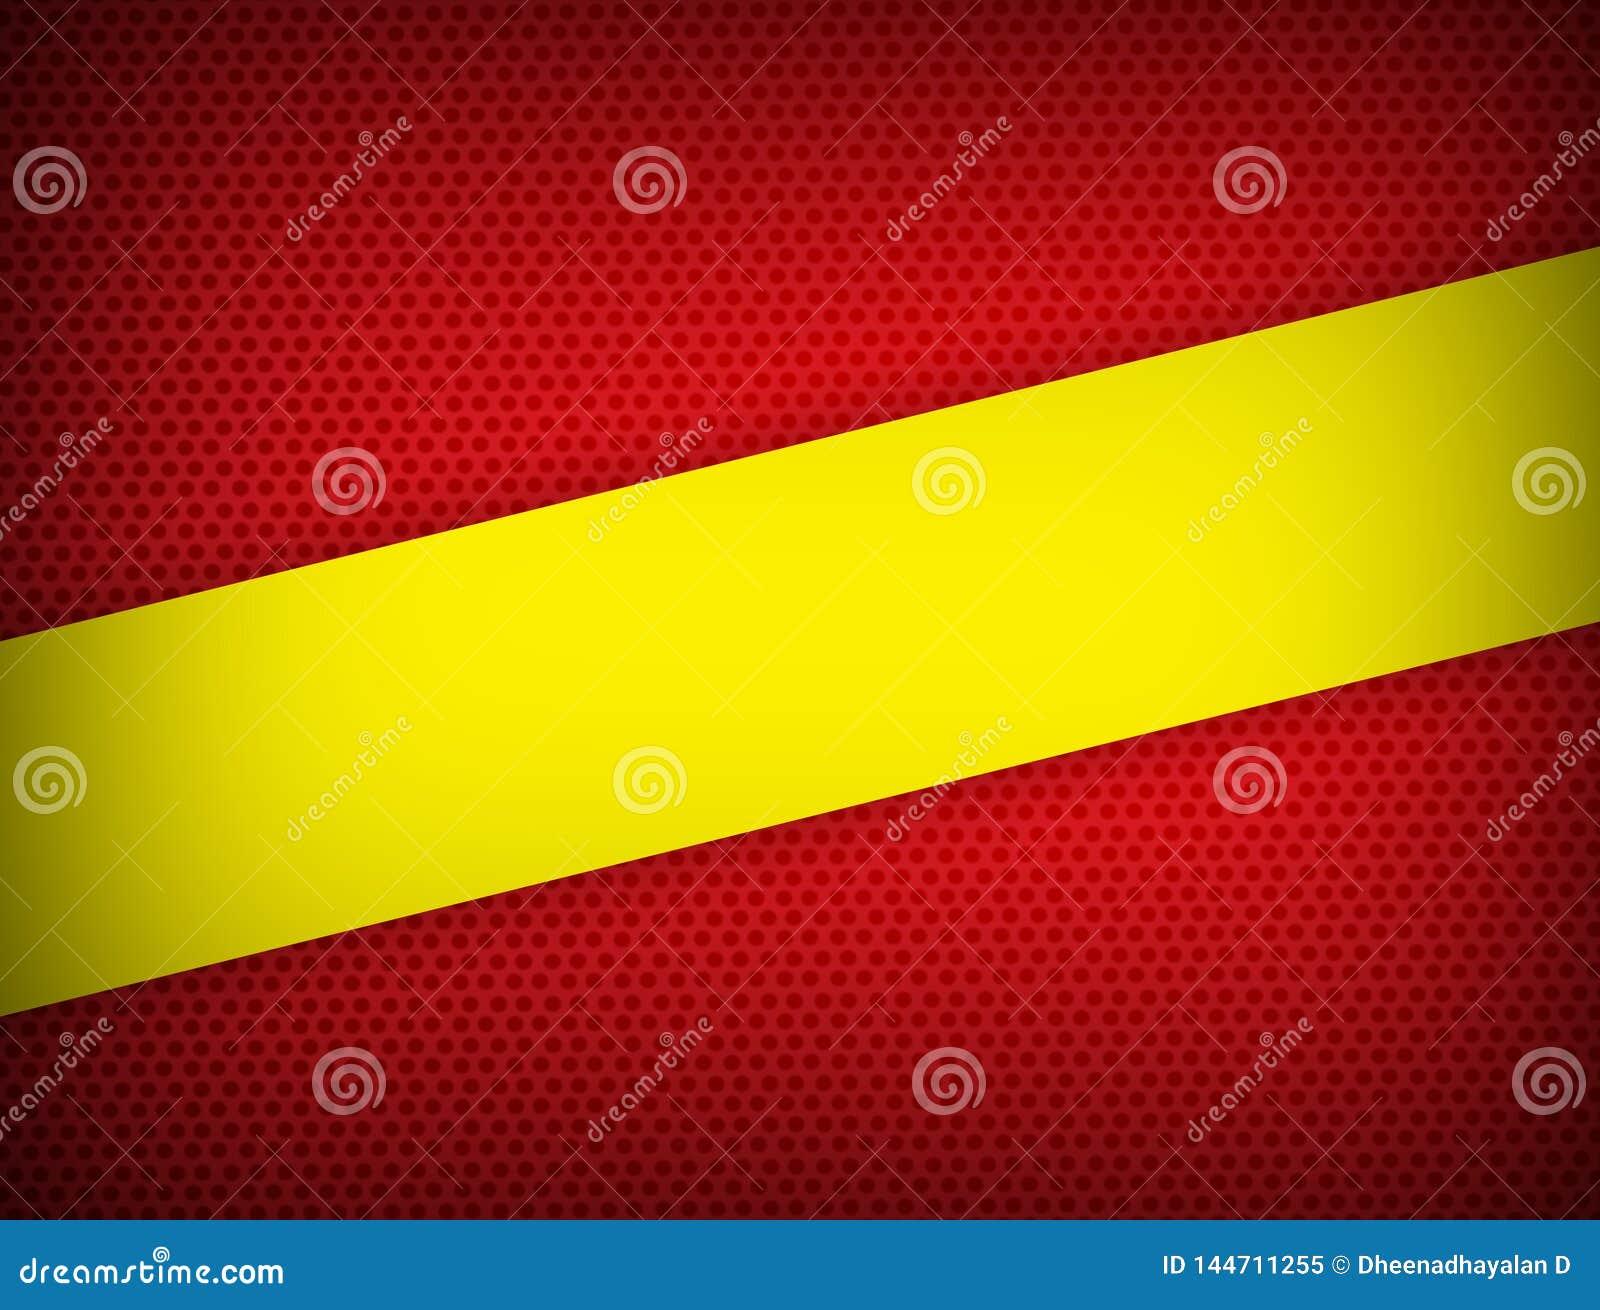 Projeto moderno do fundo geométrico vermelho e amarelo do sumário da cor com ilustração do vetor de espaço da cópia